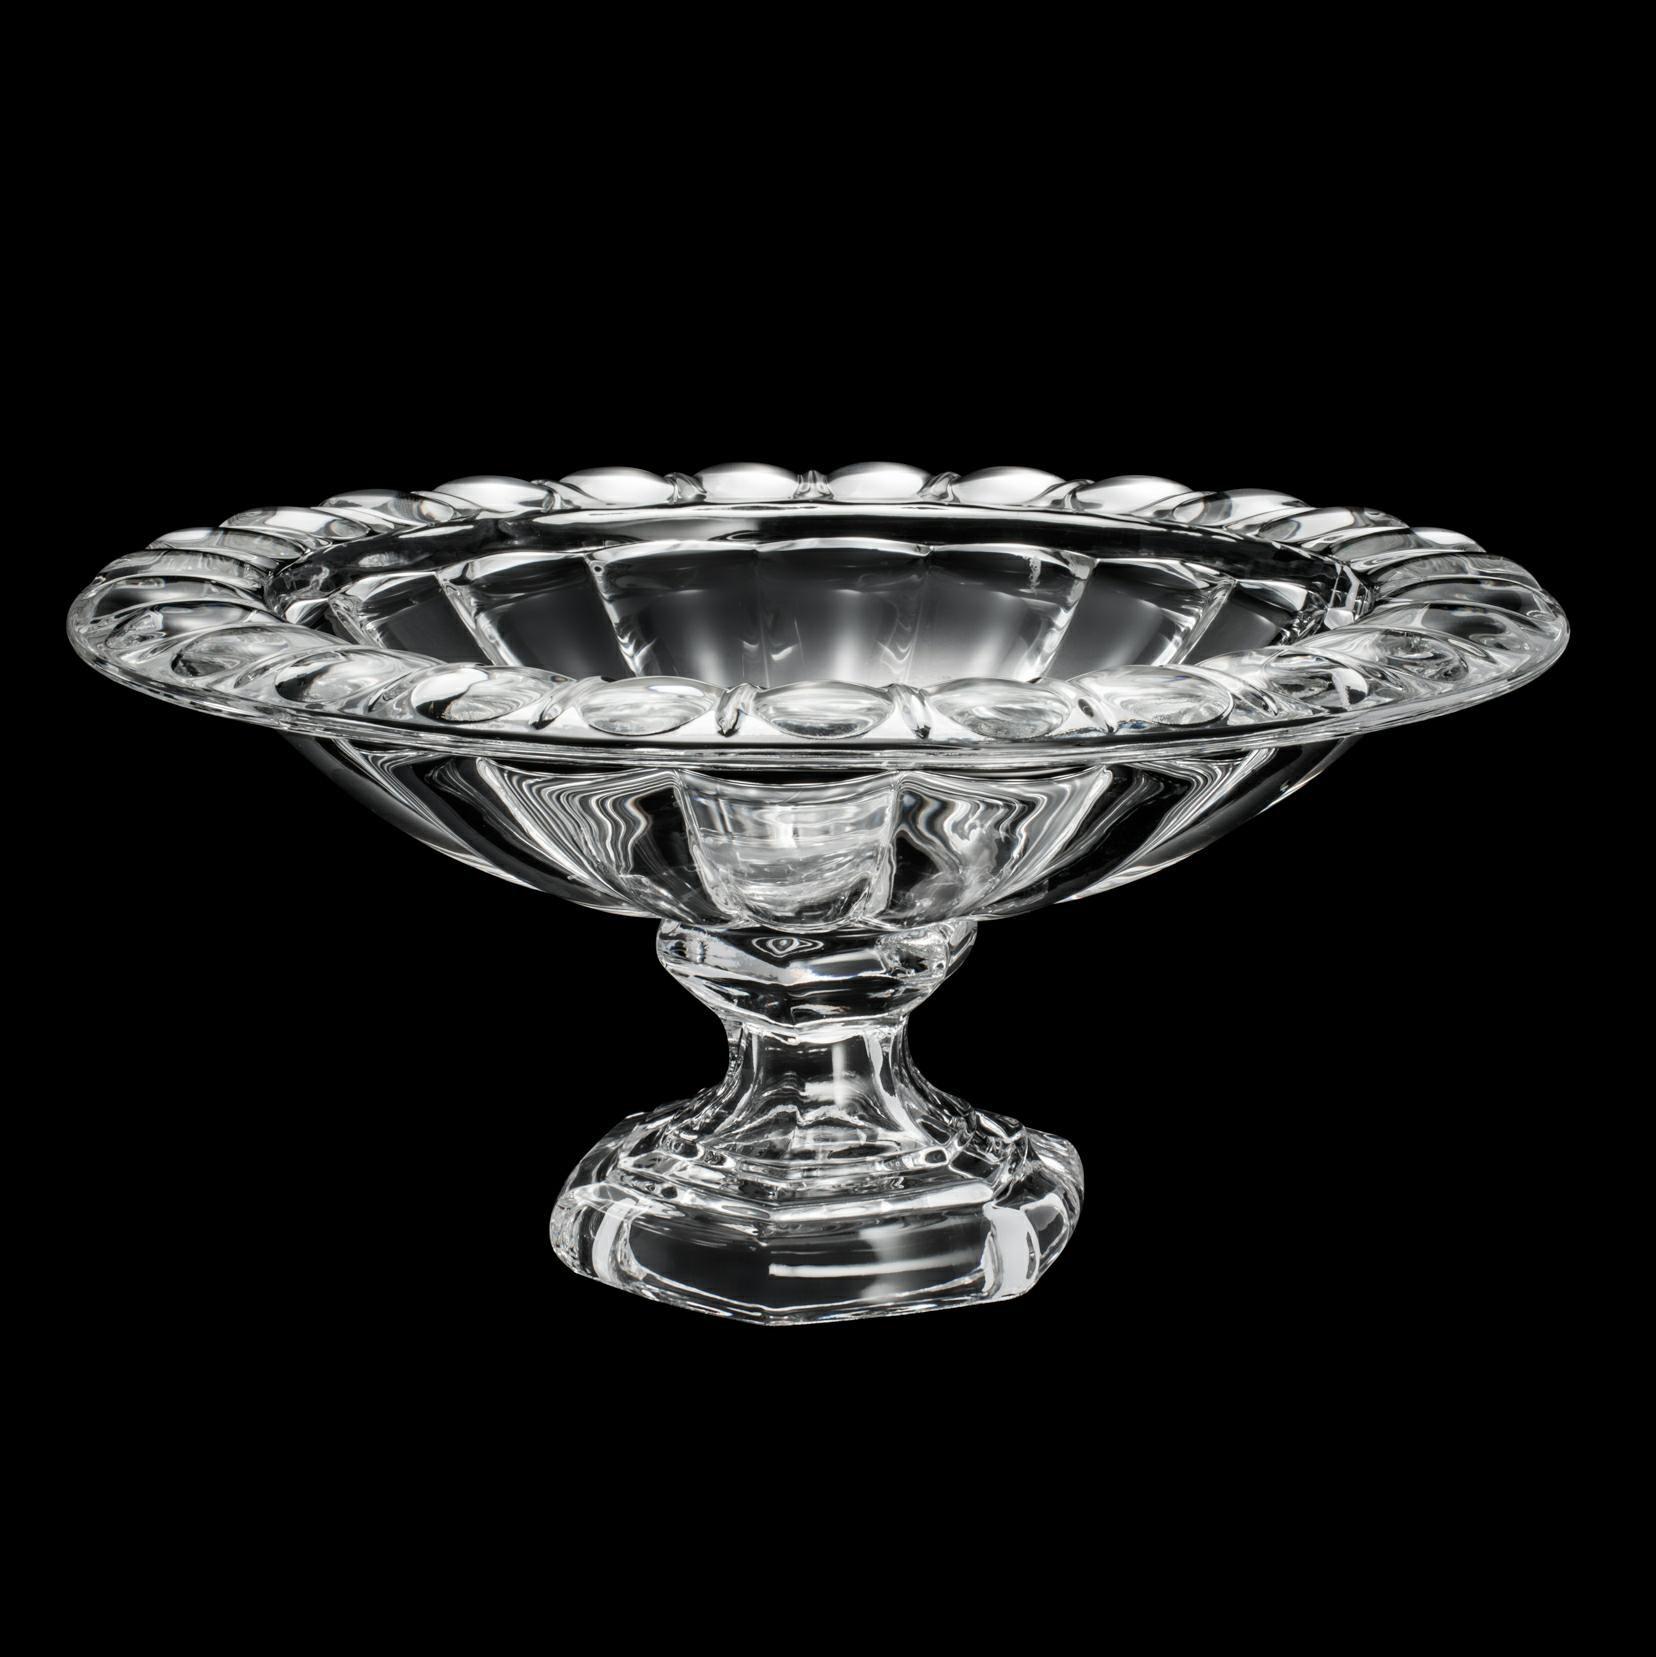 Centro de mesa 33 cm de cristal transparente com pé Sussex Wolff - 2199